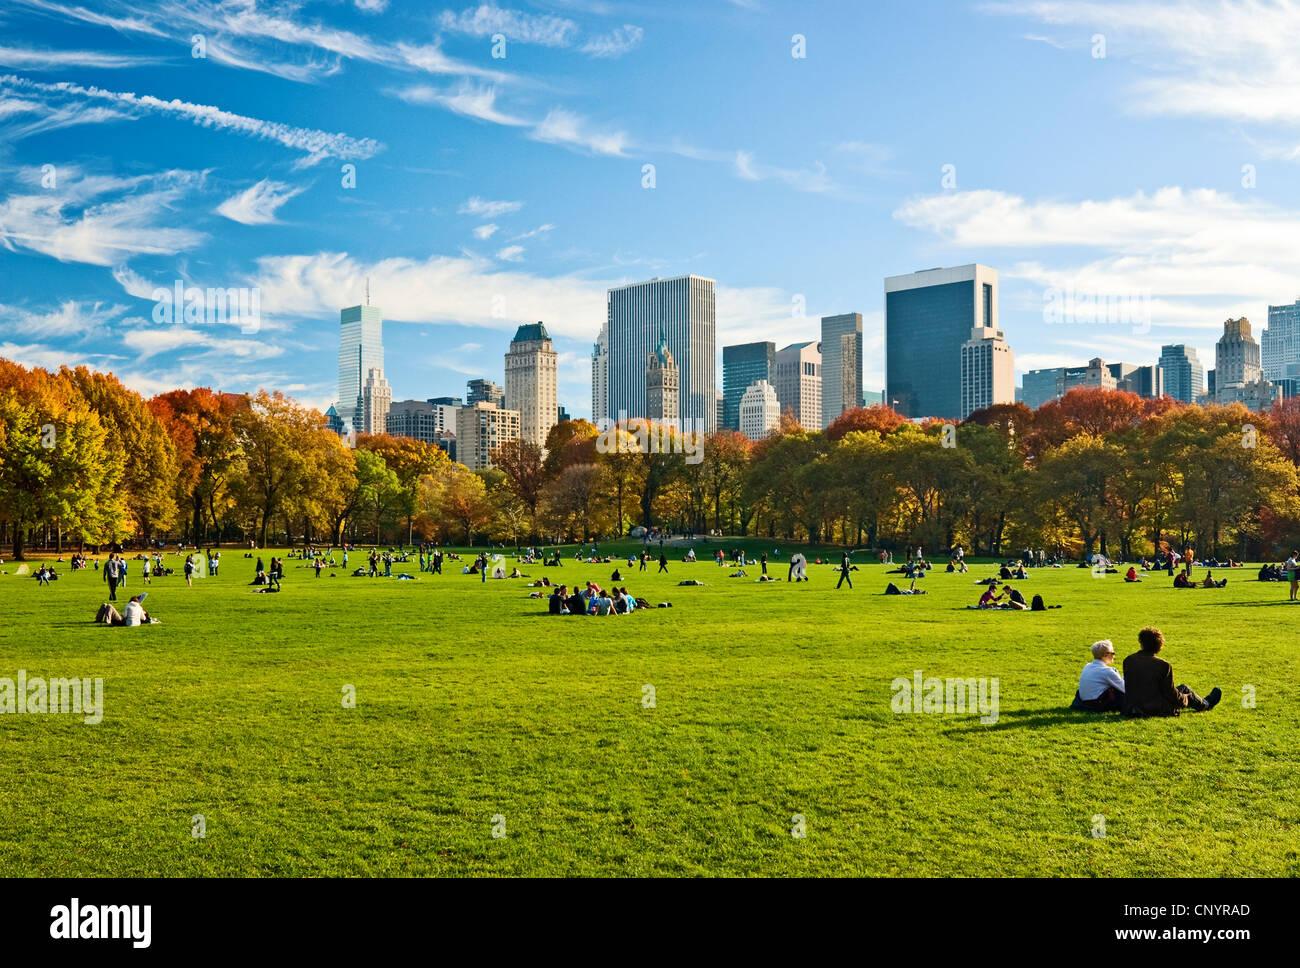 La gente descansando en el Central Park de Nueva York, en otoño, mirando hacia el horizonte sur del Parque Imagen De Stock